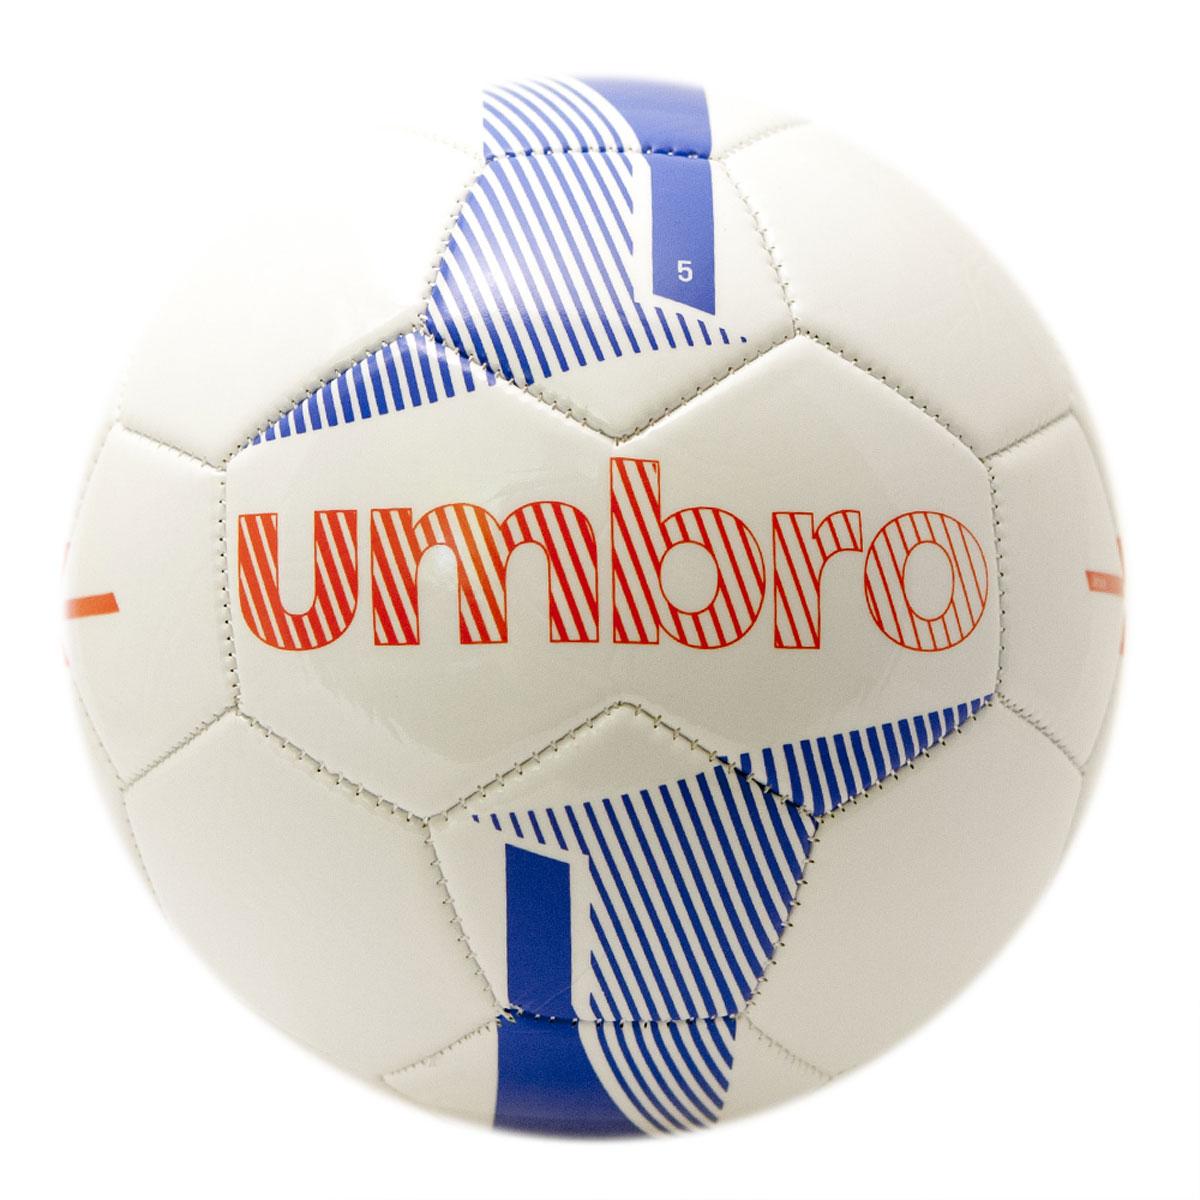 Мяч футбольный Umbro Veloce Supporter Ball, цвет: белый, синий, красный. Размер 5. 20657U20657U